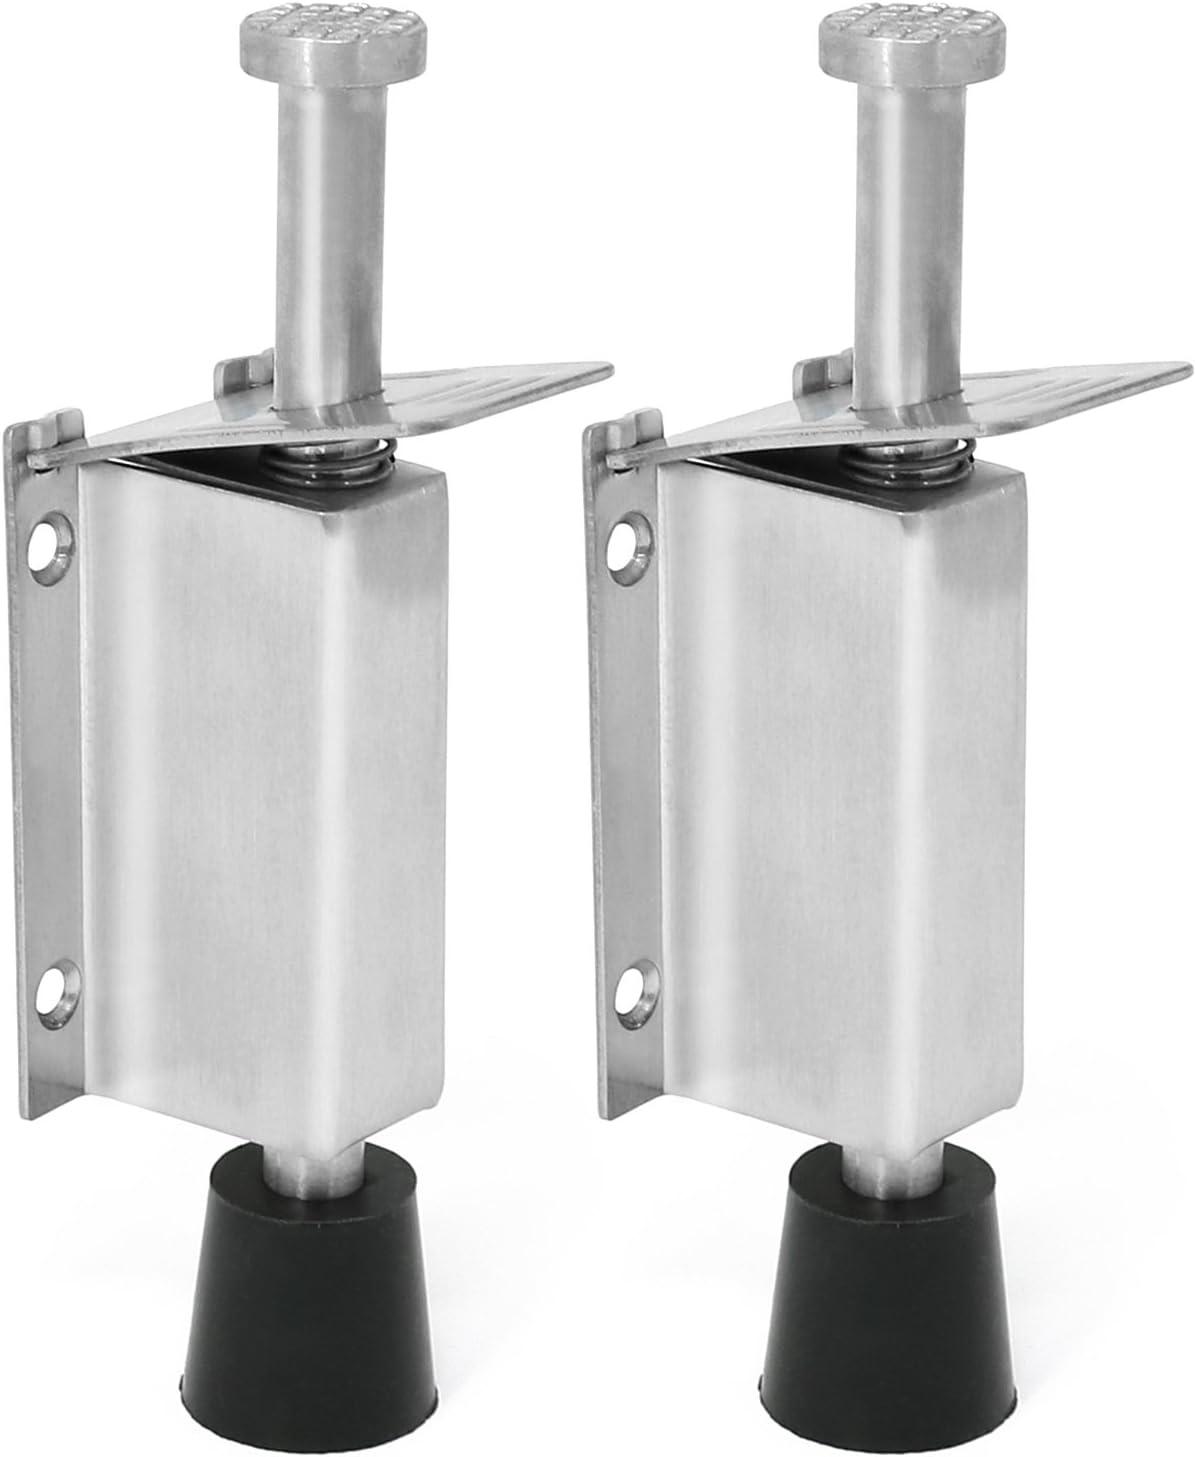 Bodentürstopper mit Magnet 4 x 4 cm 2x Türfeststeller aus mattiertem Edelstahl